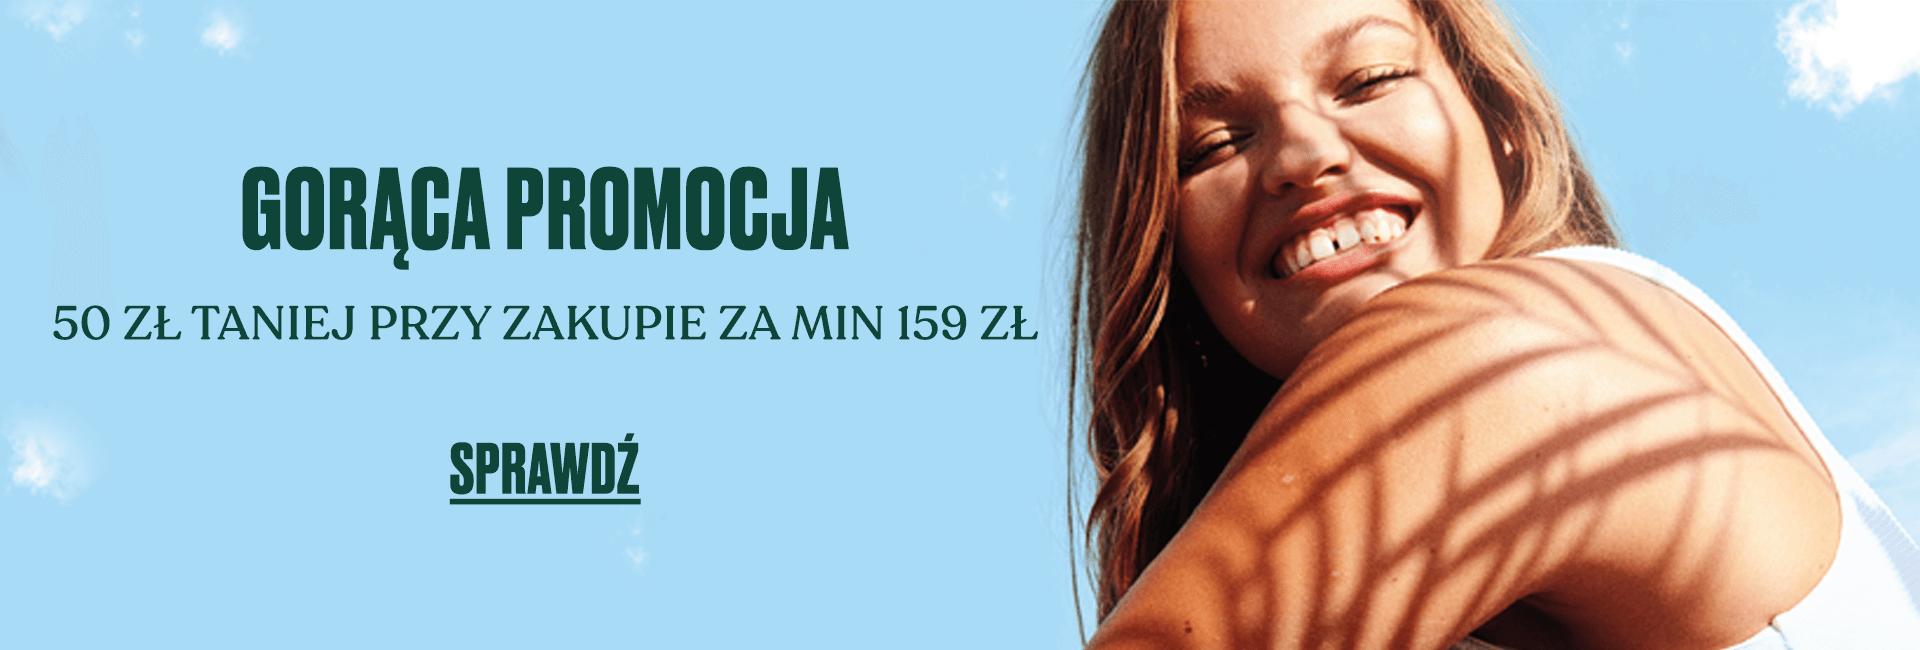 The Body Shop: 50 zł rabatu przy zakupie za min. 159 zł                         title=